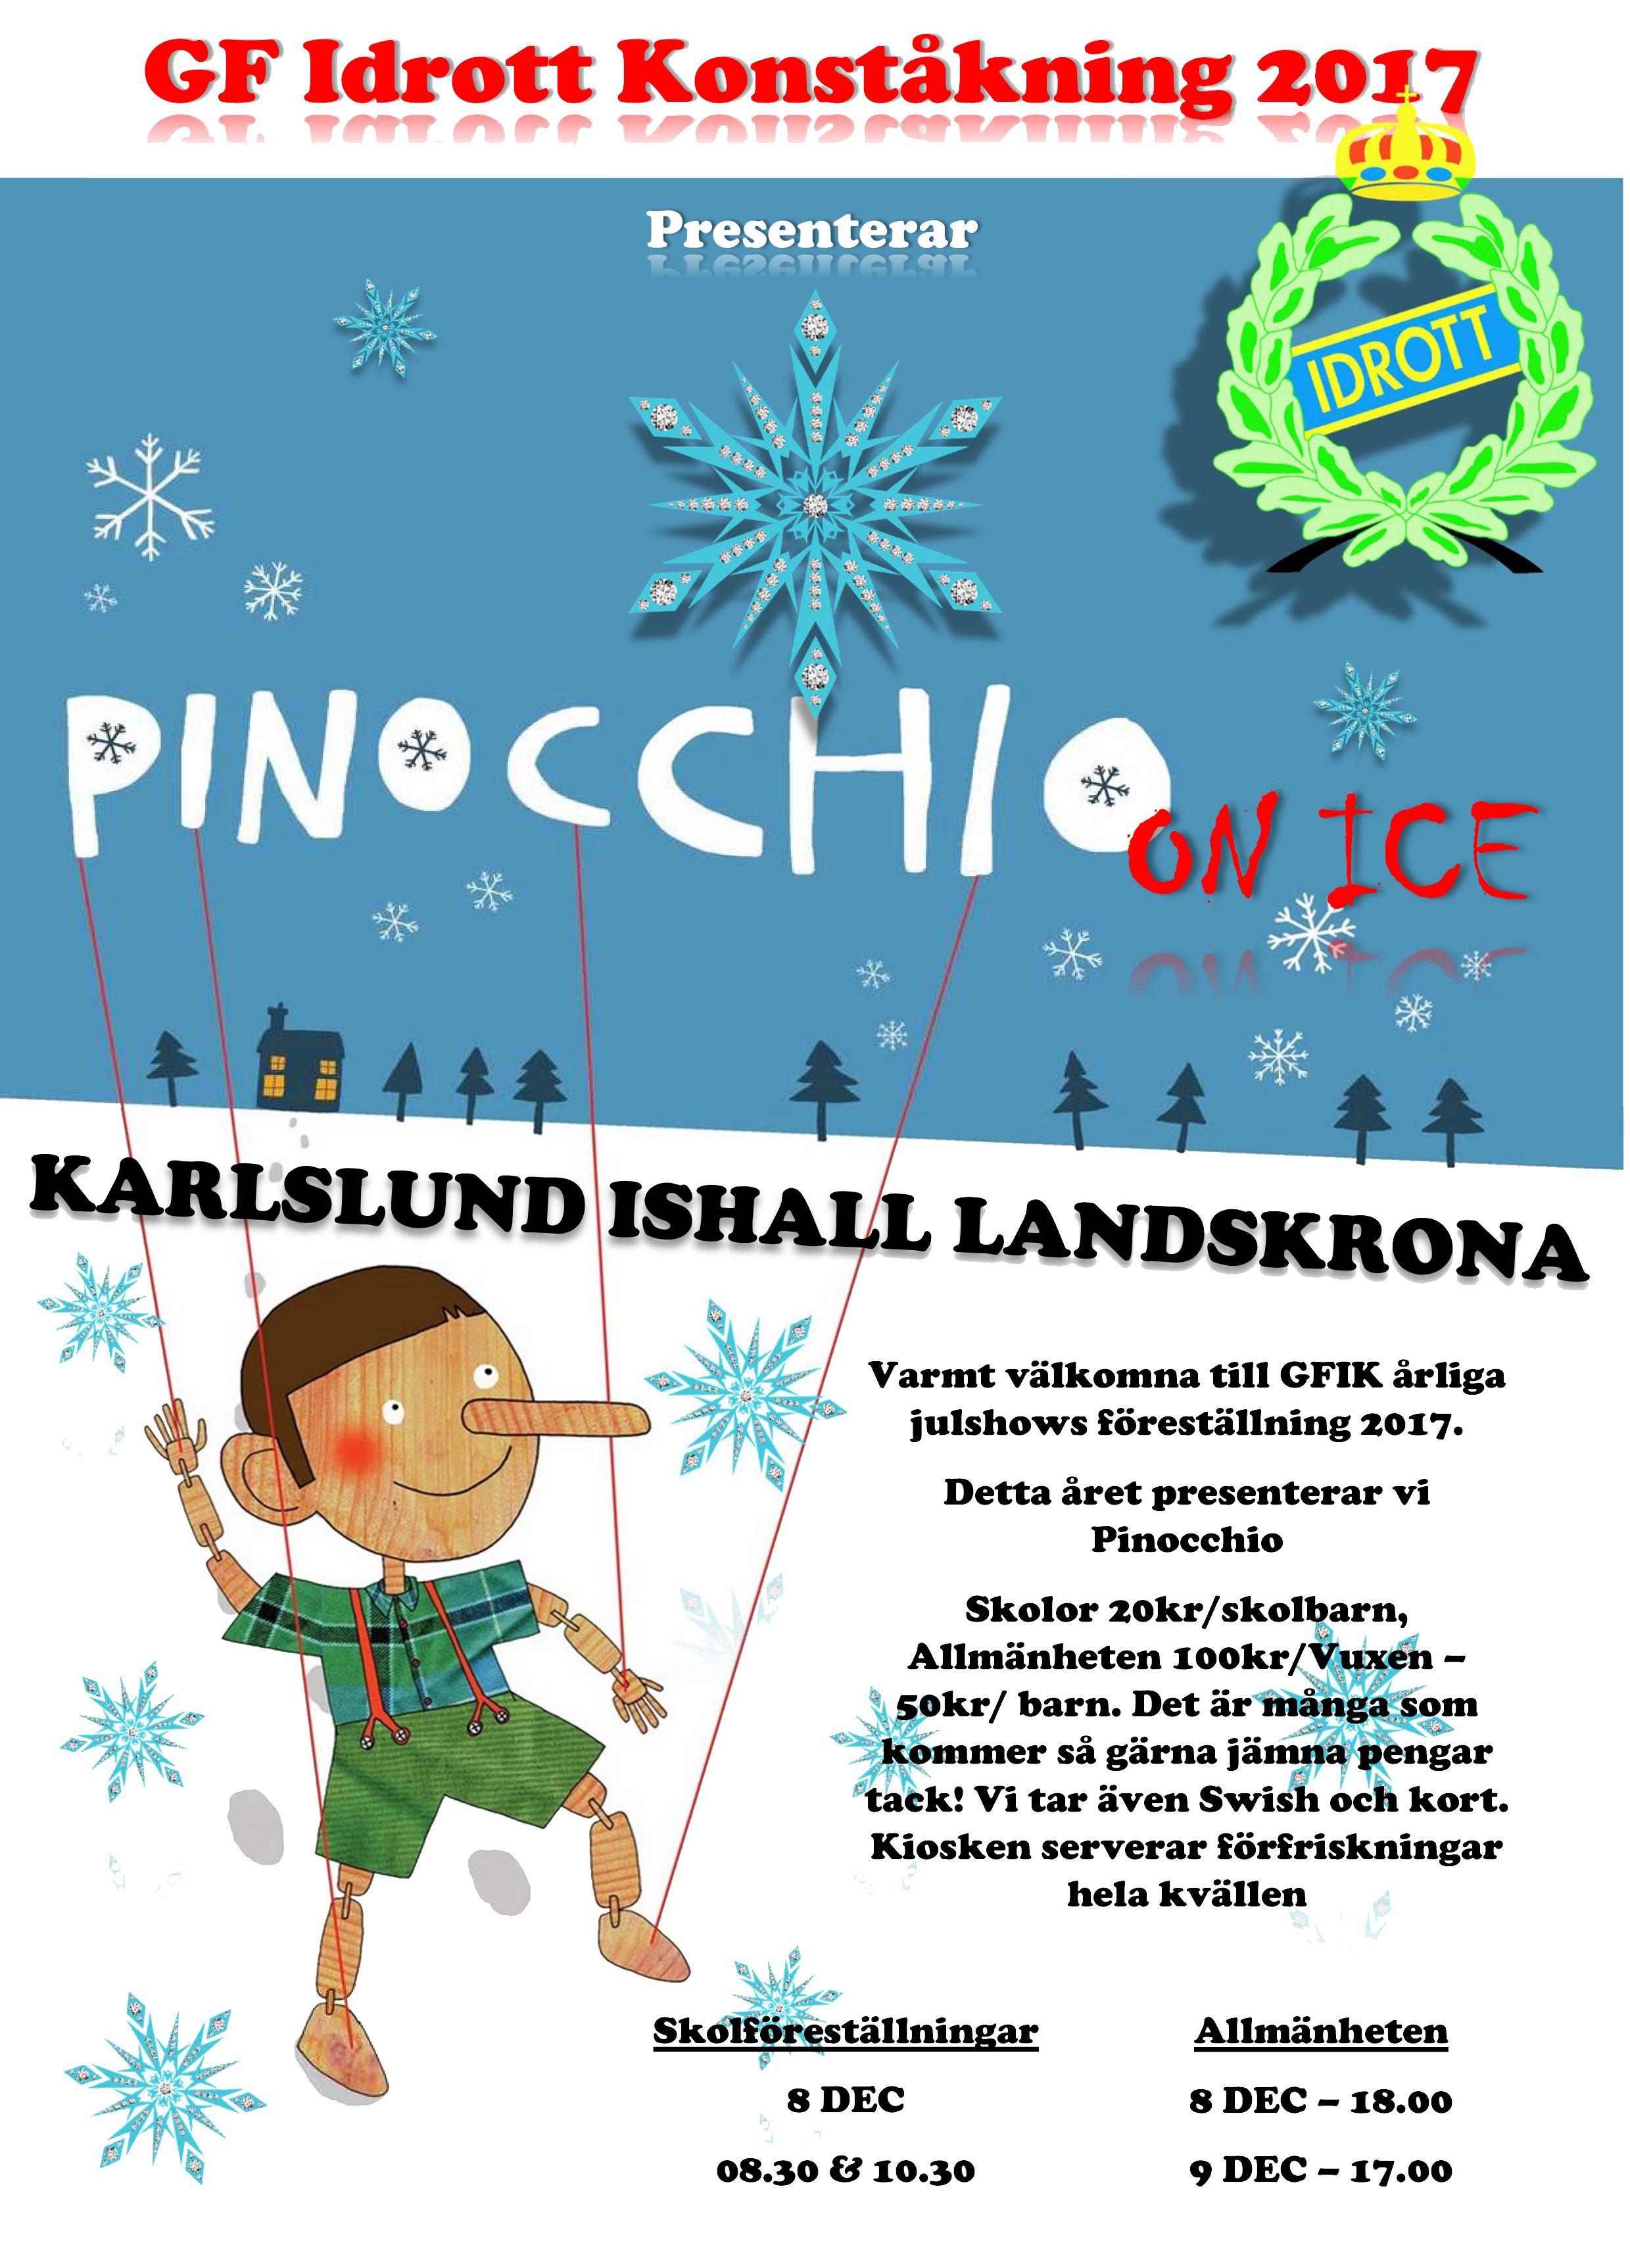 GF Idrott Konståknings julshow 2017